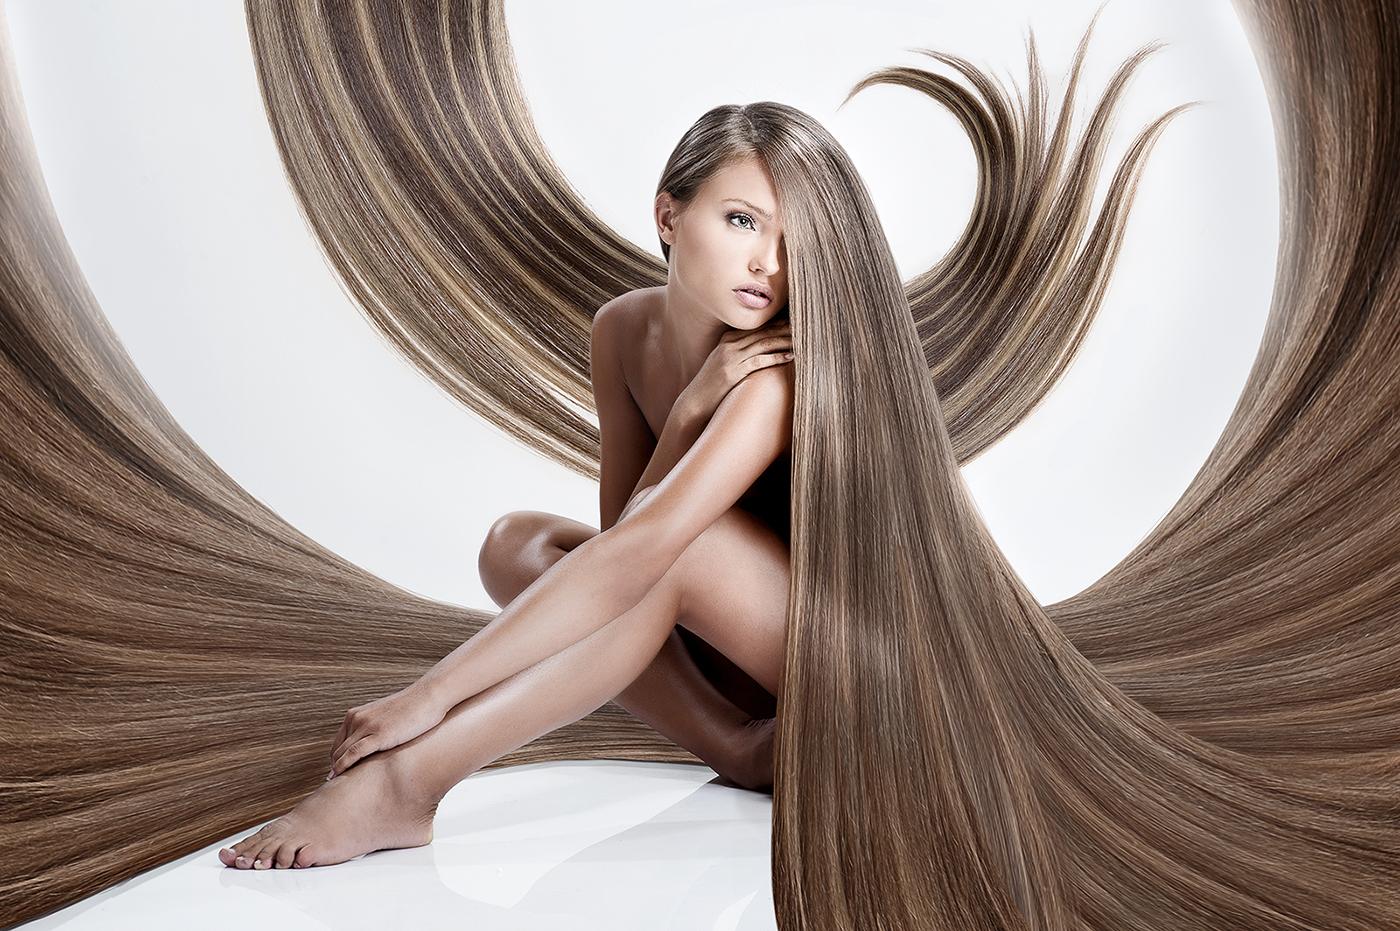 Супер длинные волосы 5 фотография